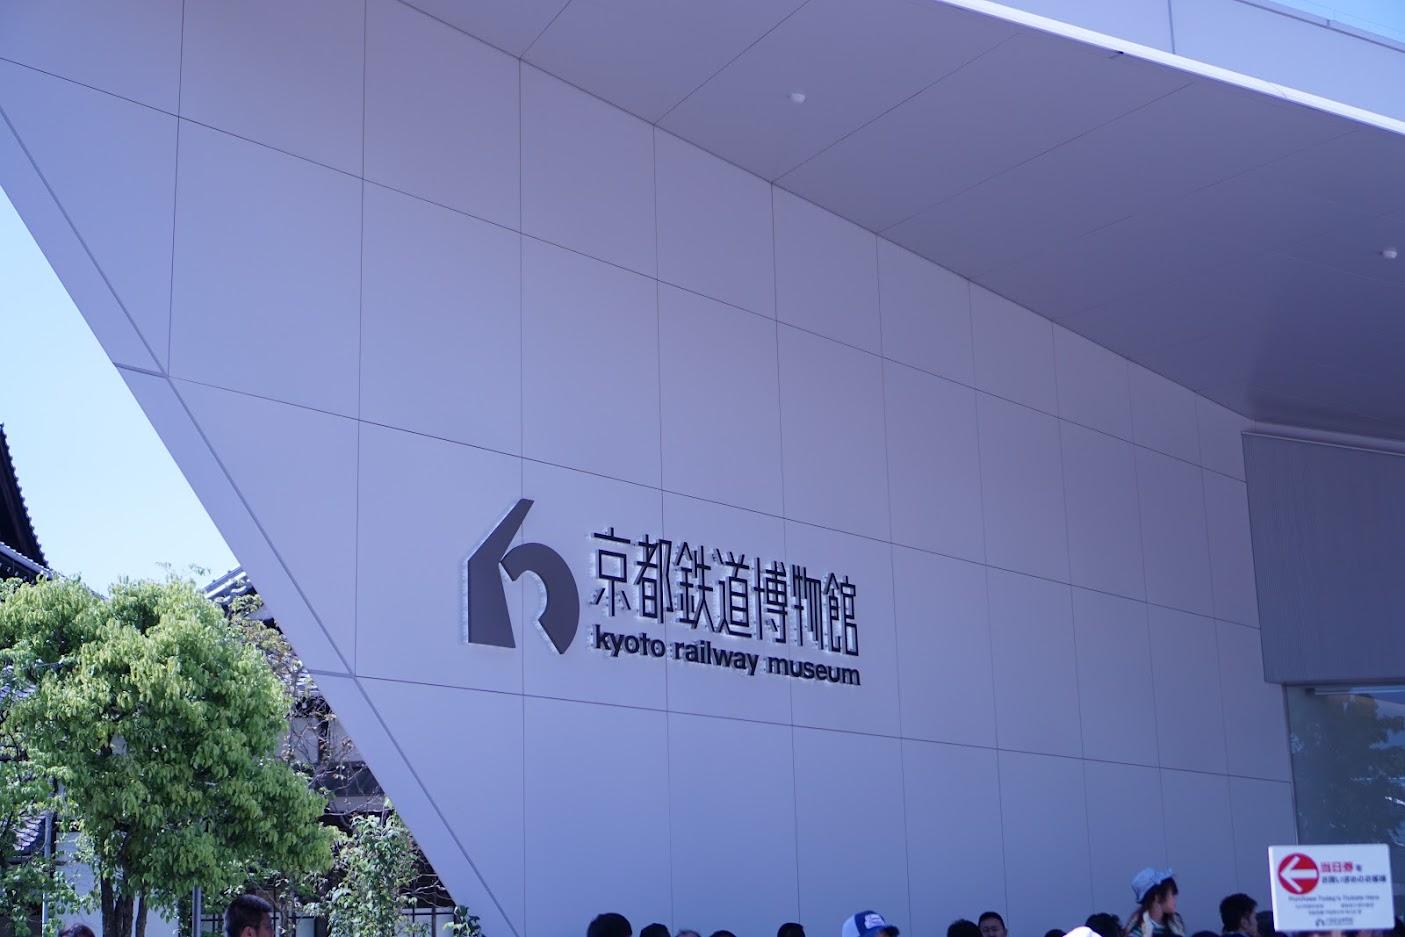 全国1億3000万人の鉄道ファンの聖地、京都鉄道博物館へ!